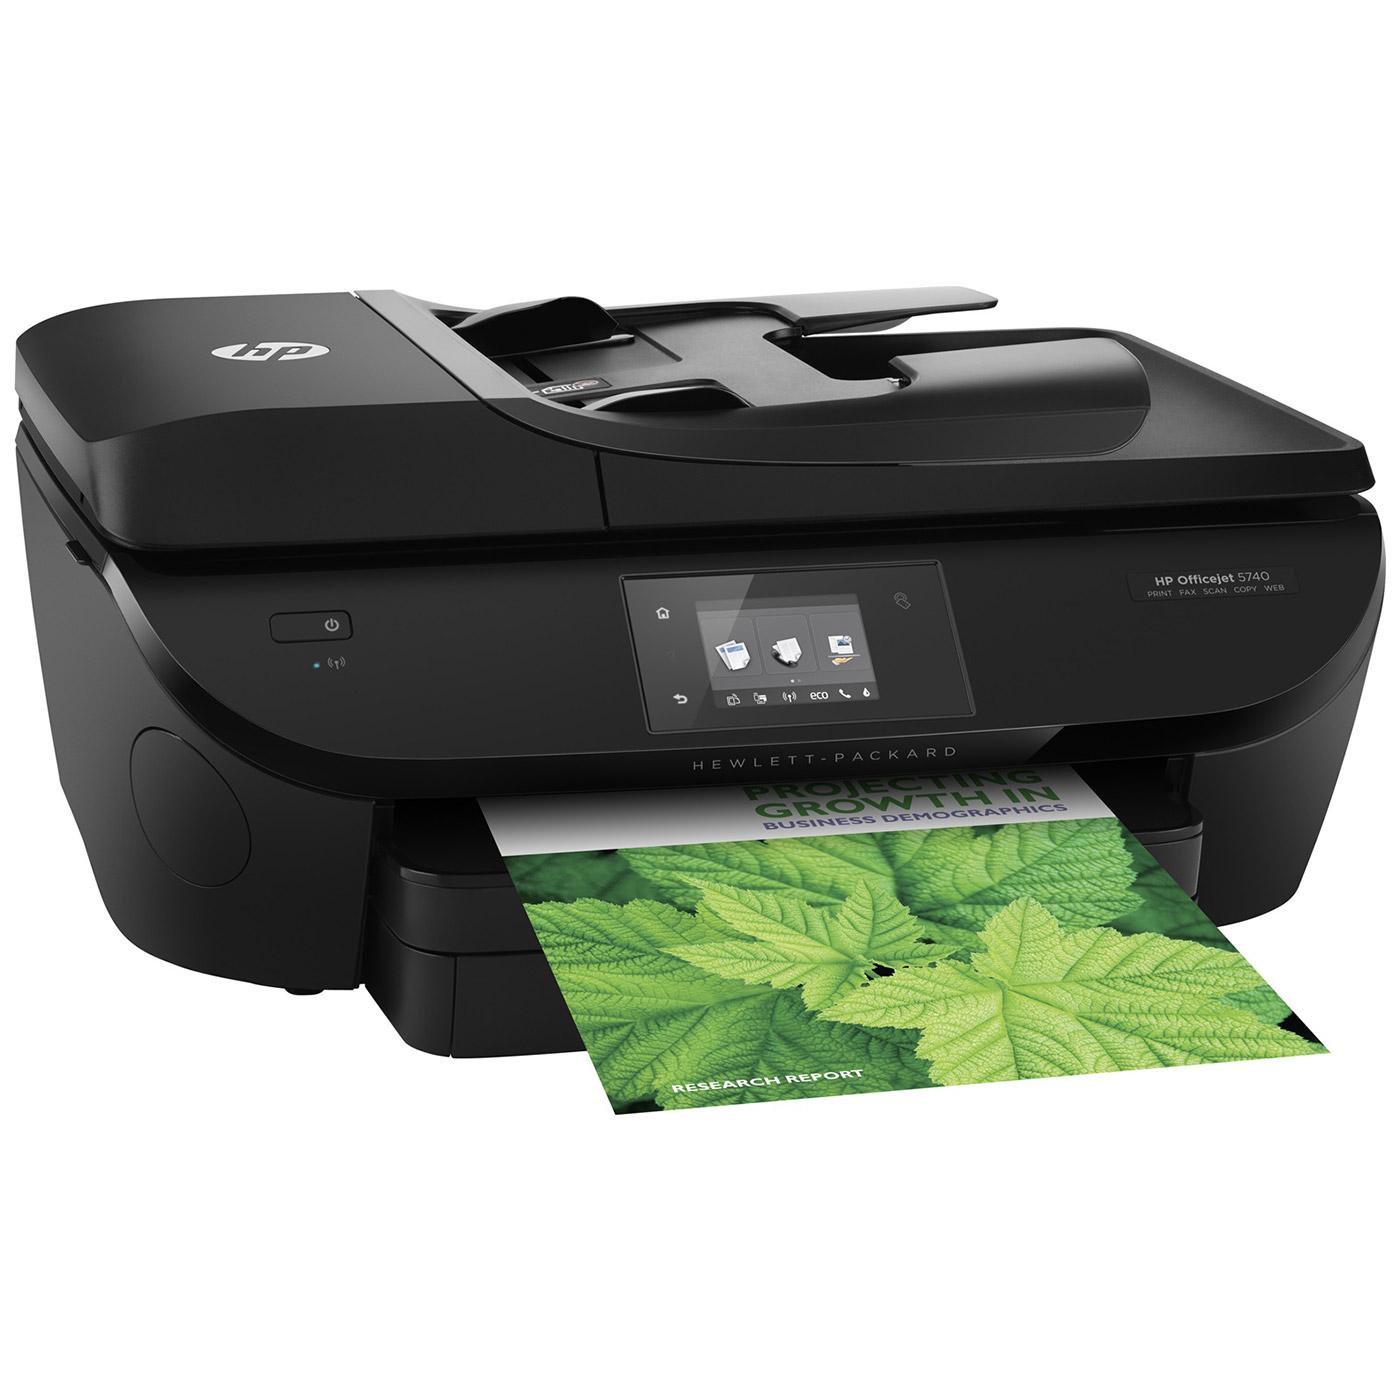 Imprimante multifonction HP Officejet 5740 Imprimante Multifonction jet d'encre couleur 4-en-1 (USB 2.0 / Ethernet / Wi-Fi / NFC)